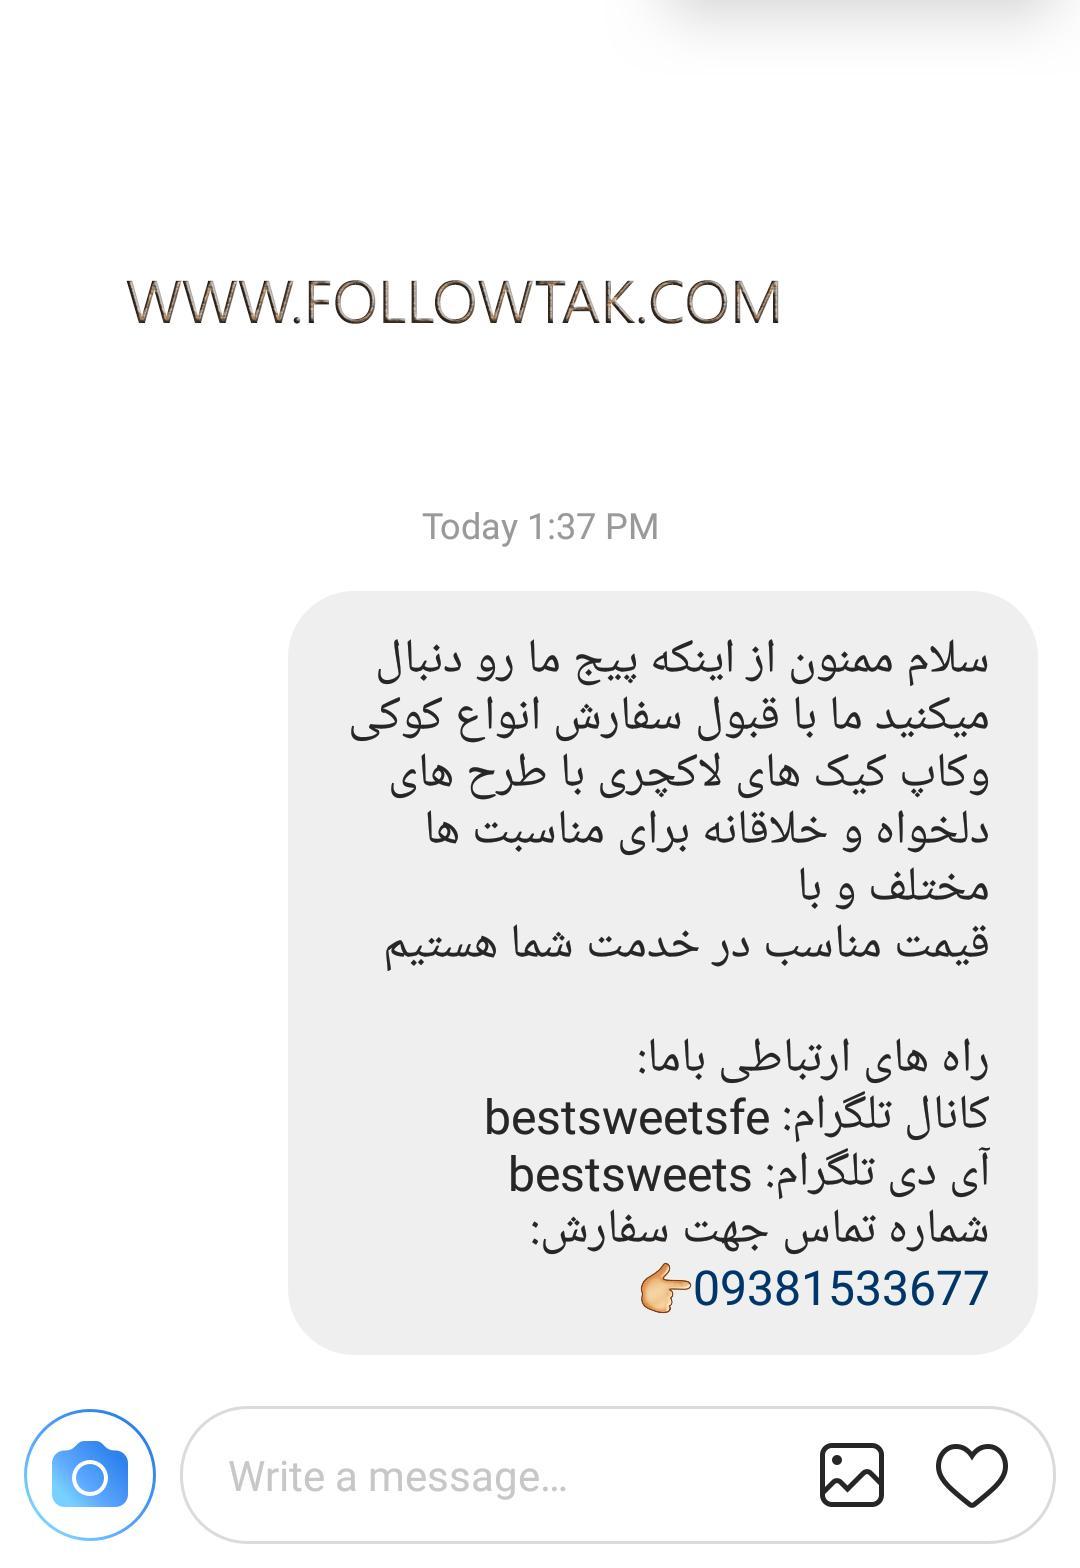 روش صحیح تبلیغات در اینستاگرام